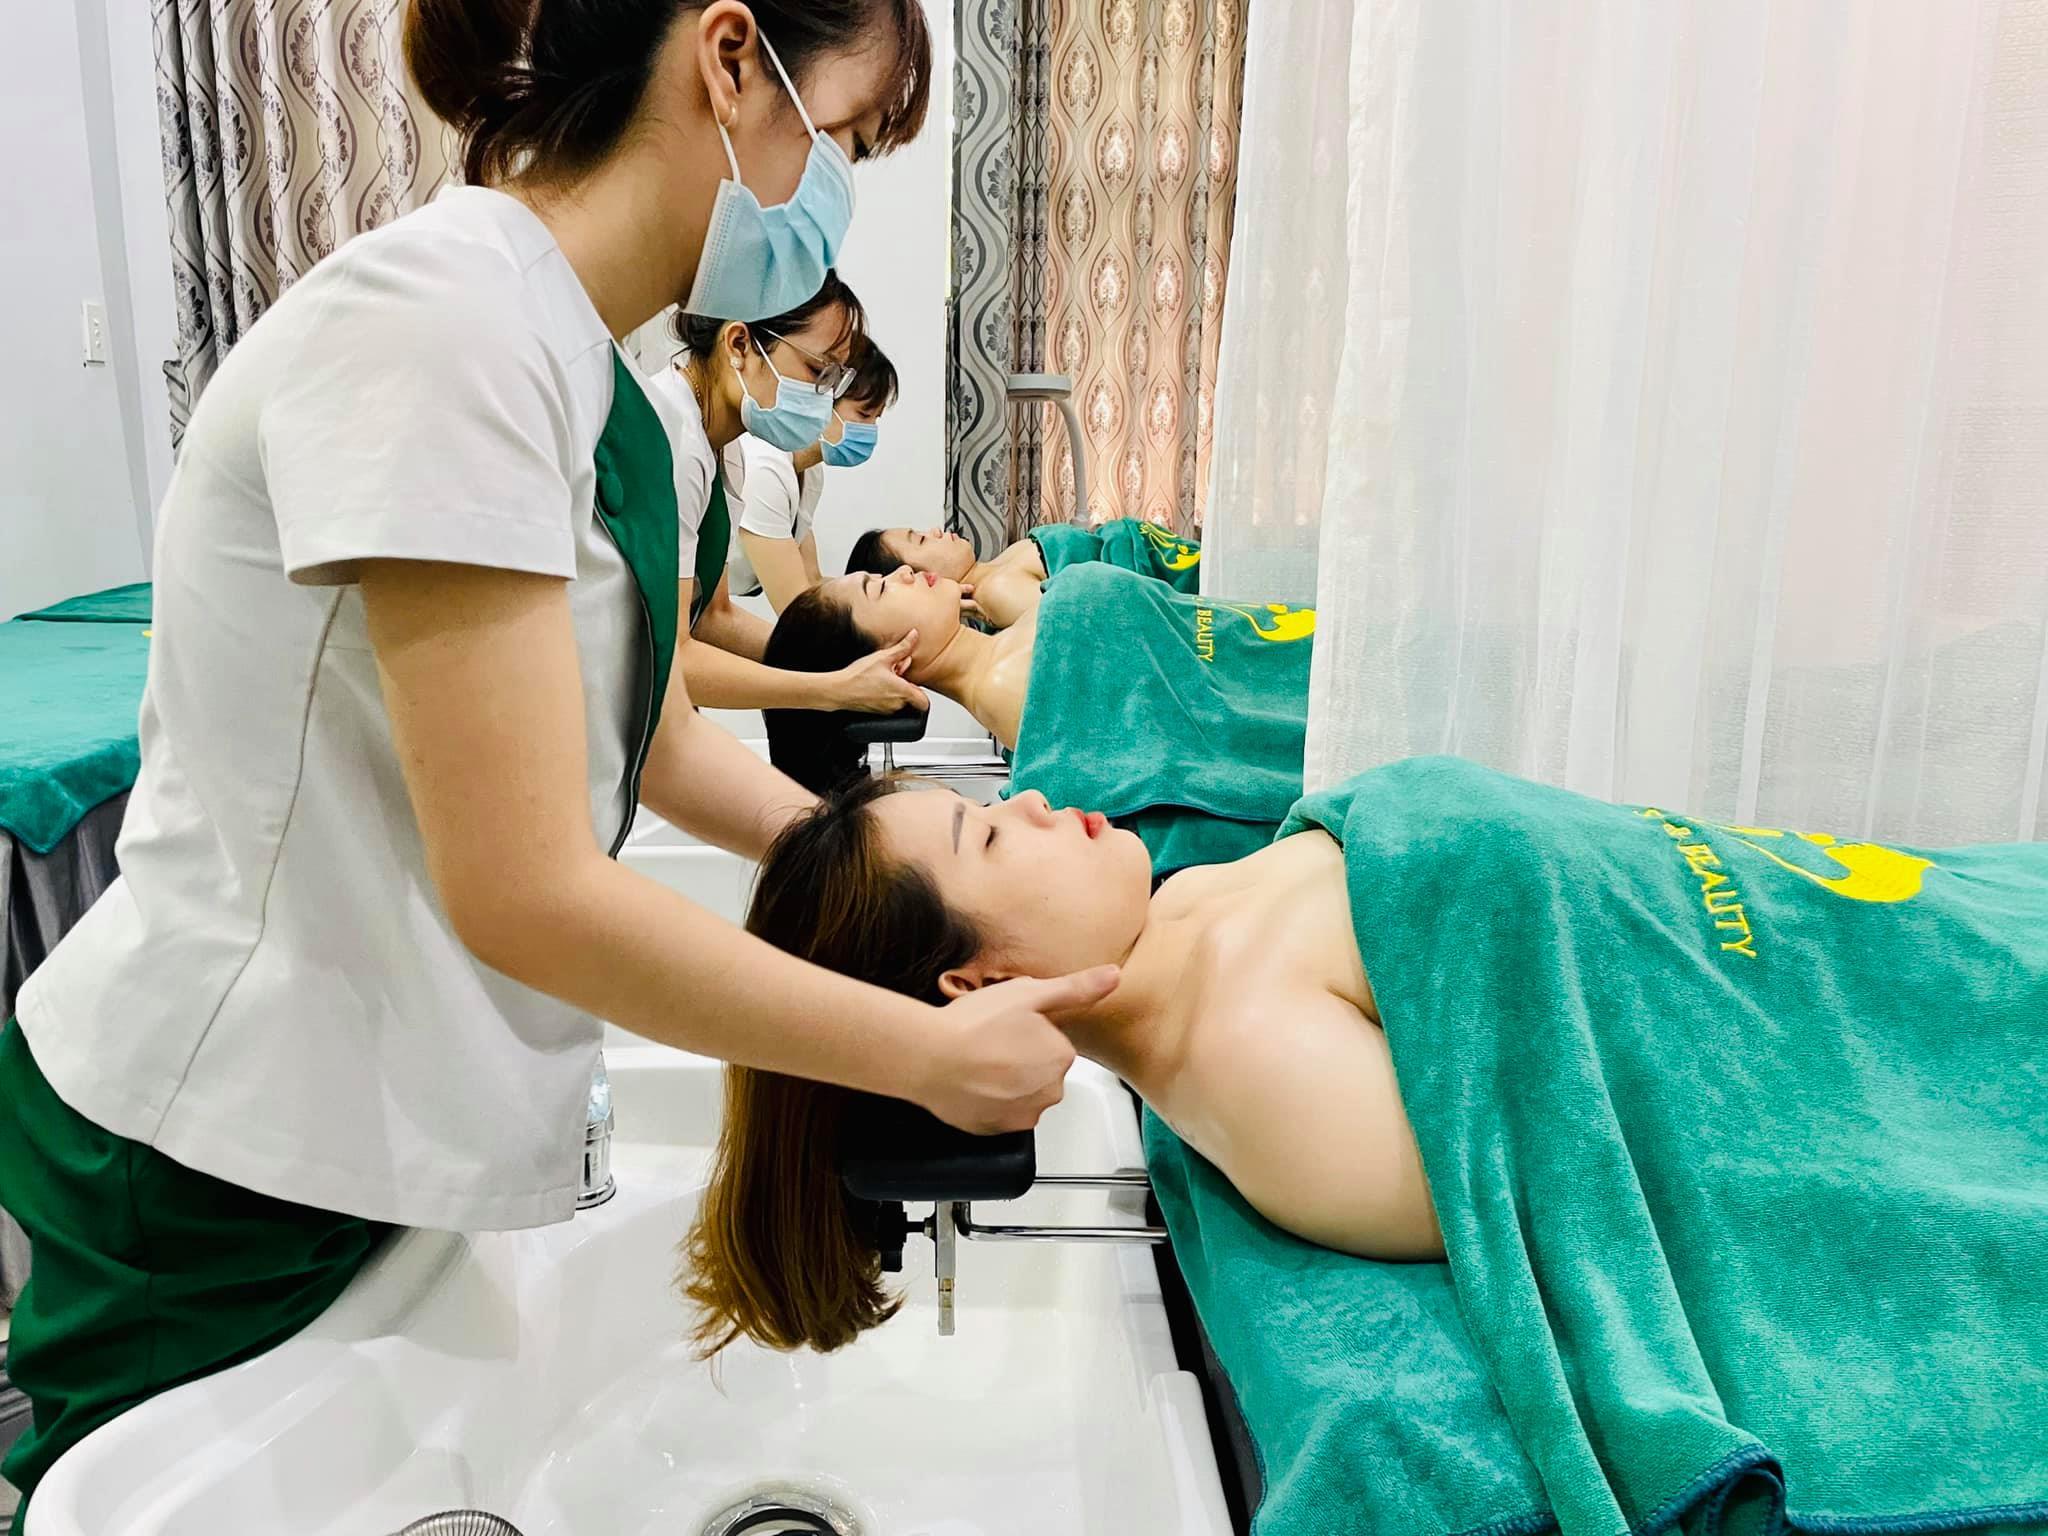 Gội đầu dưỡng sinh đang là phương pháp gội đầu phổ biến hiện nay